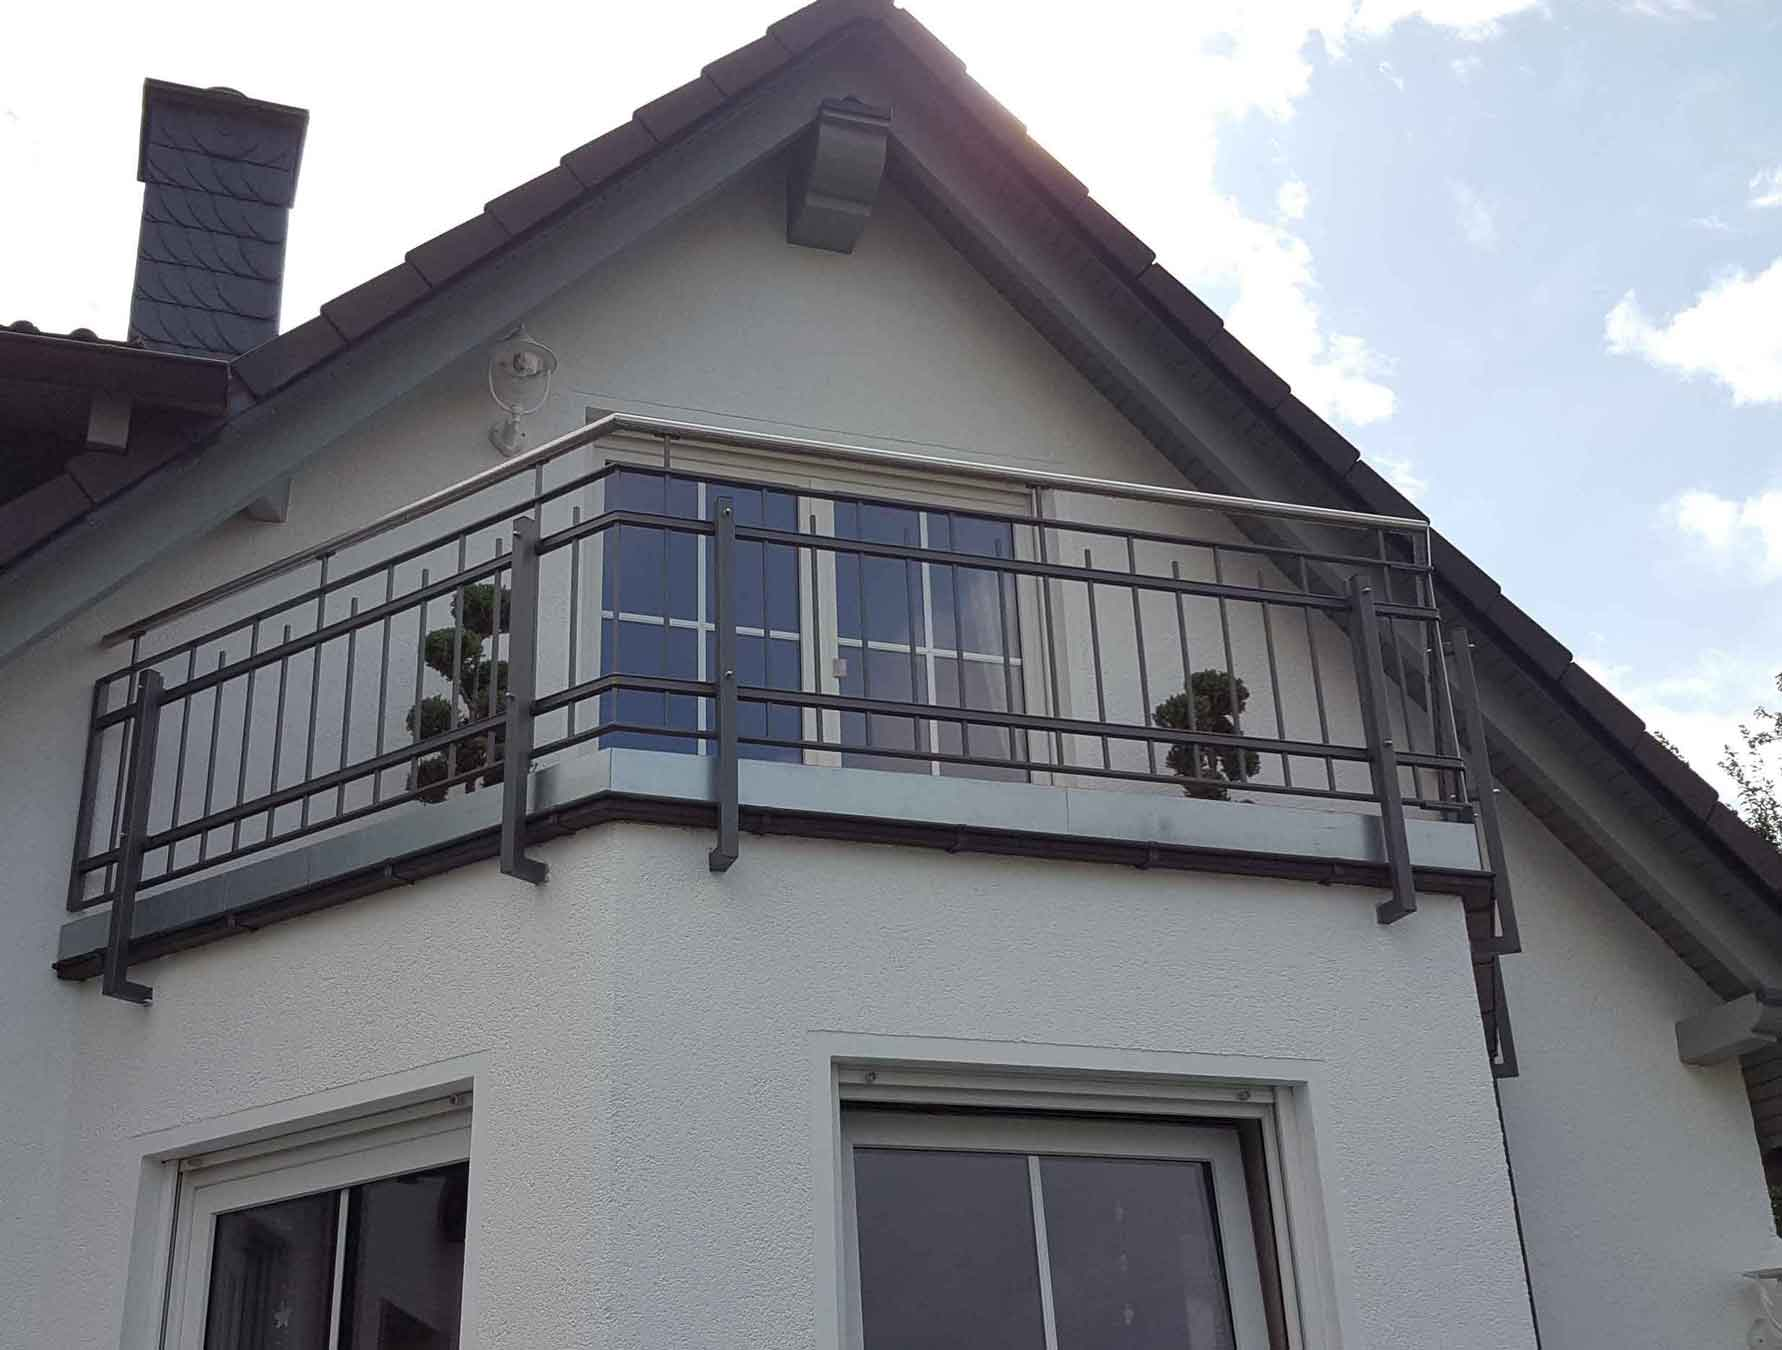 Hirsch Metallbau Balkongeländer 038 - Balkongeländer-38